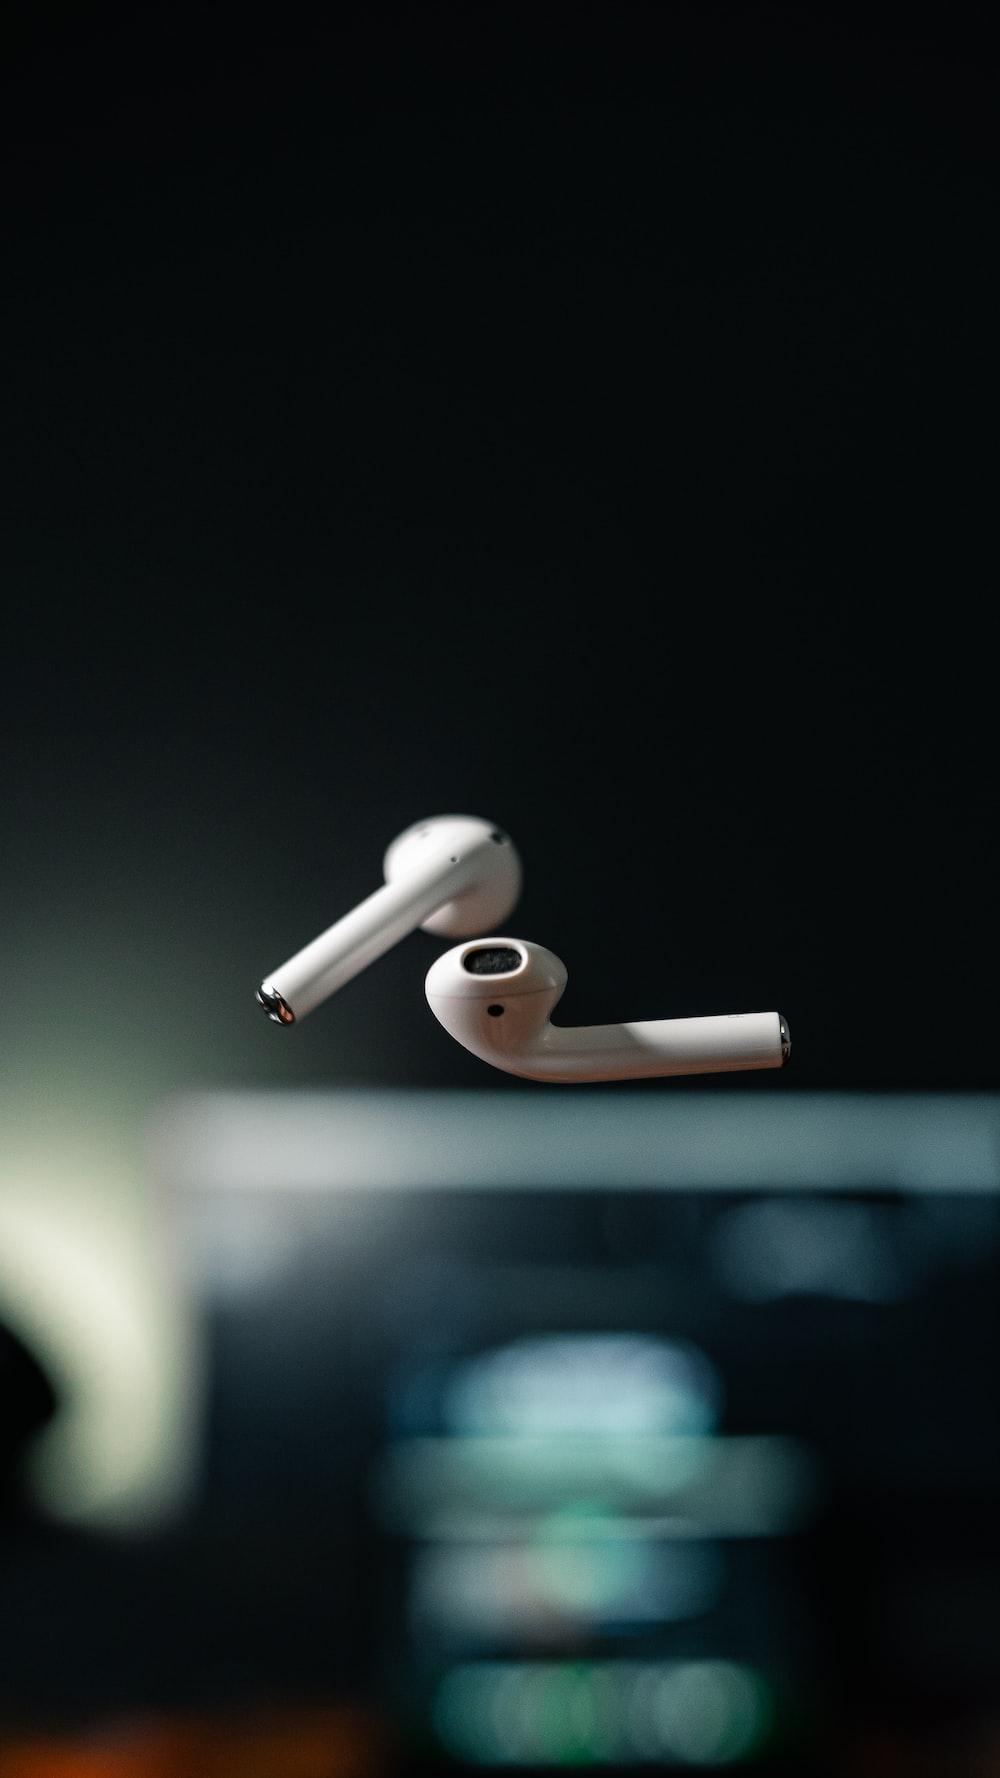 white apple earpods on black background